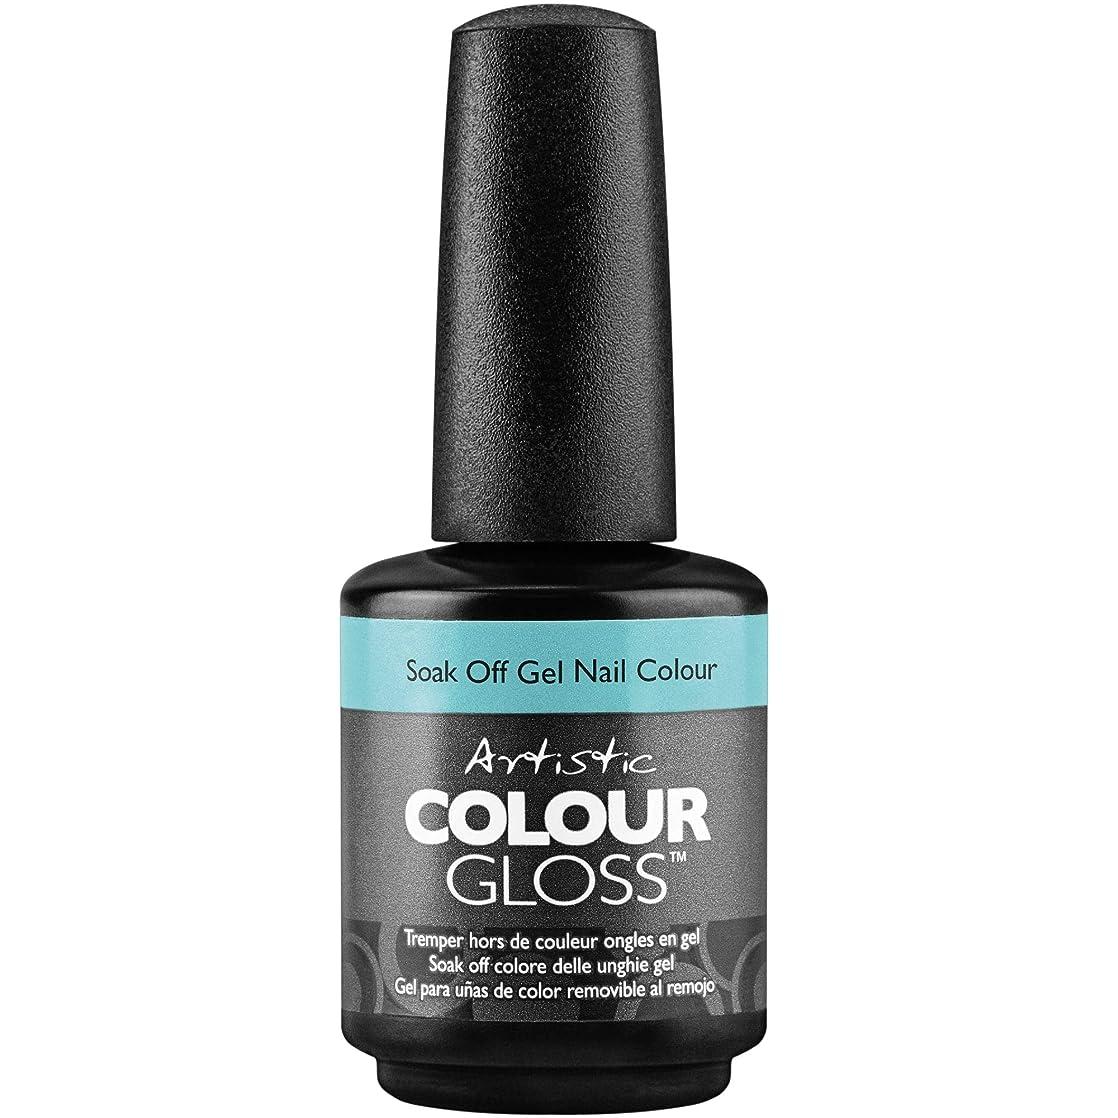 夜送るきつくArtistic Colour Gloss - Resting Beach Face - 0.5oz / 15ml